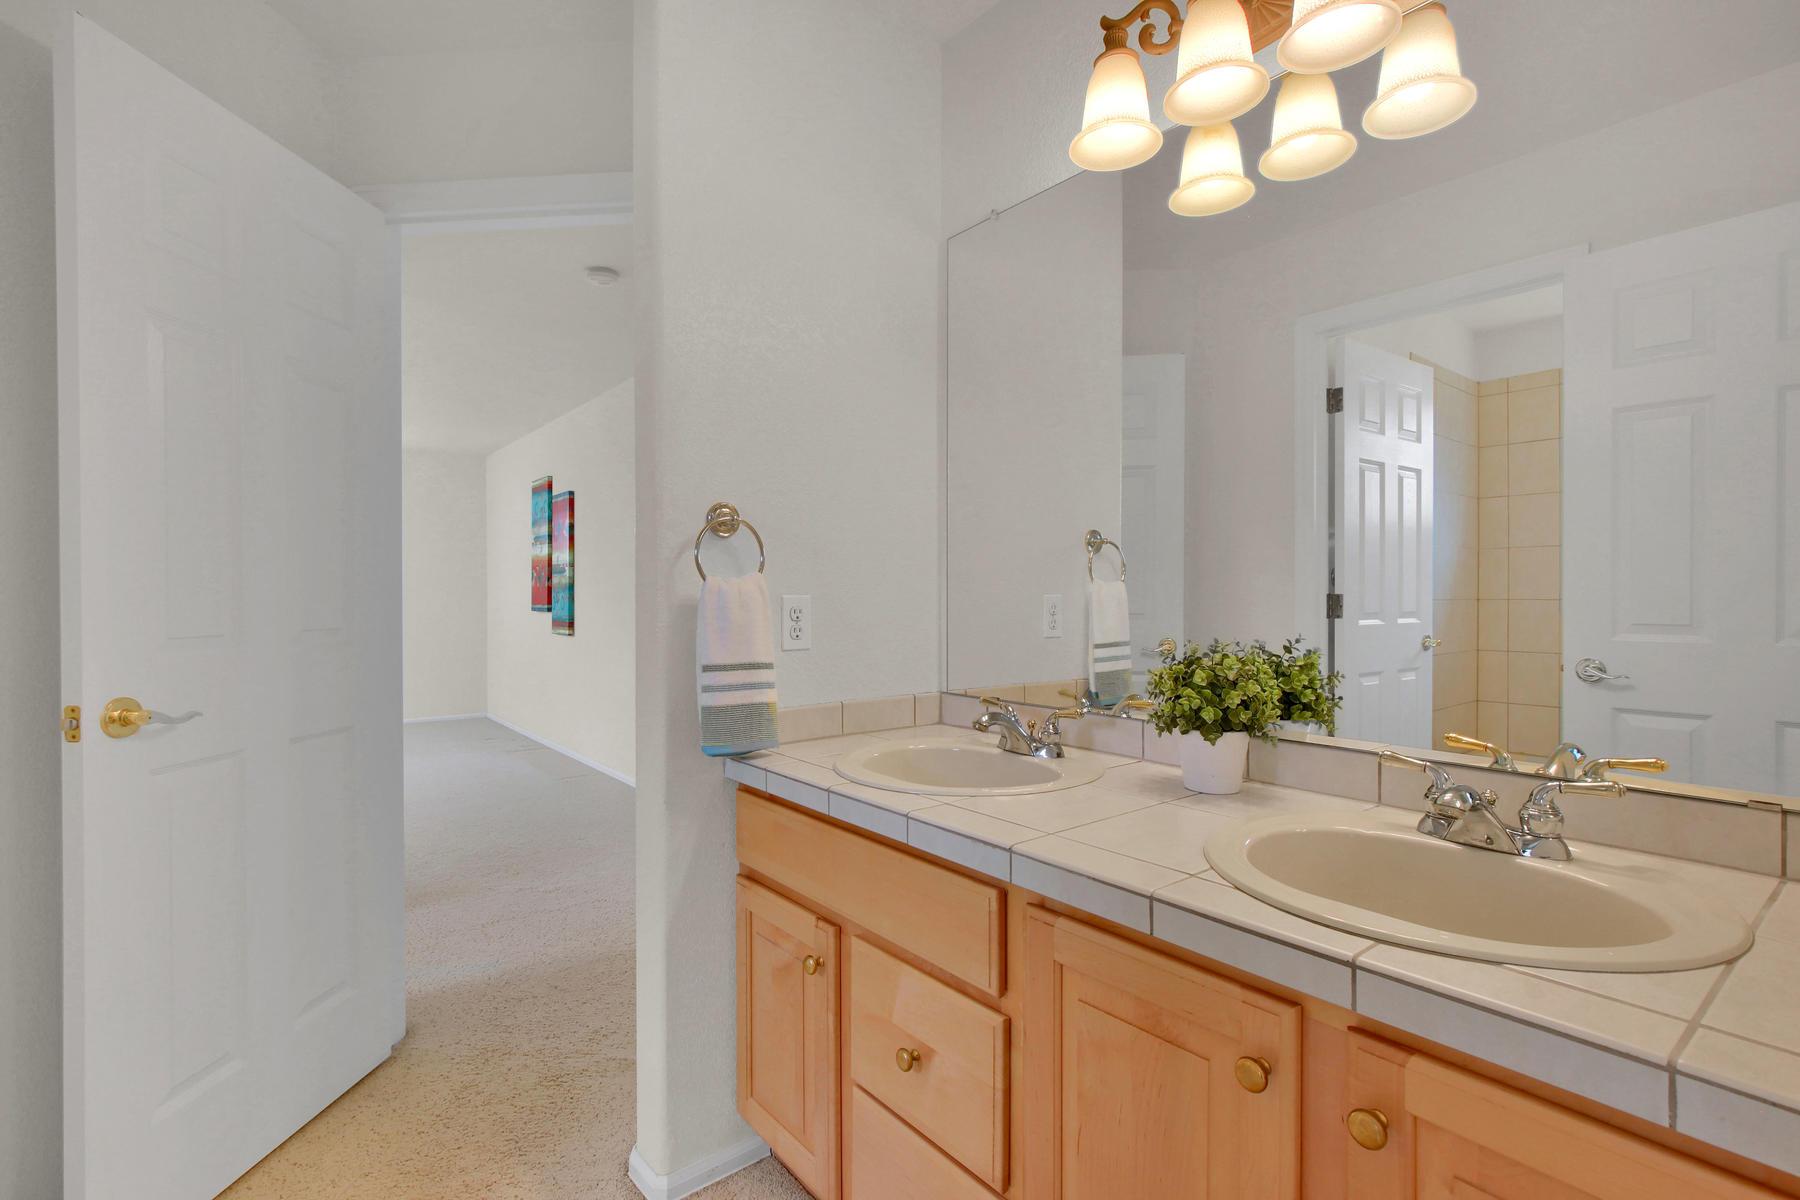 5447 Brookside Dr Broomfield-041-30-Bathroom-MLS_Size.jpg